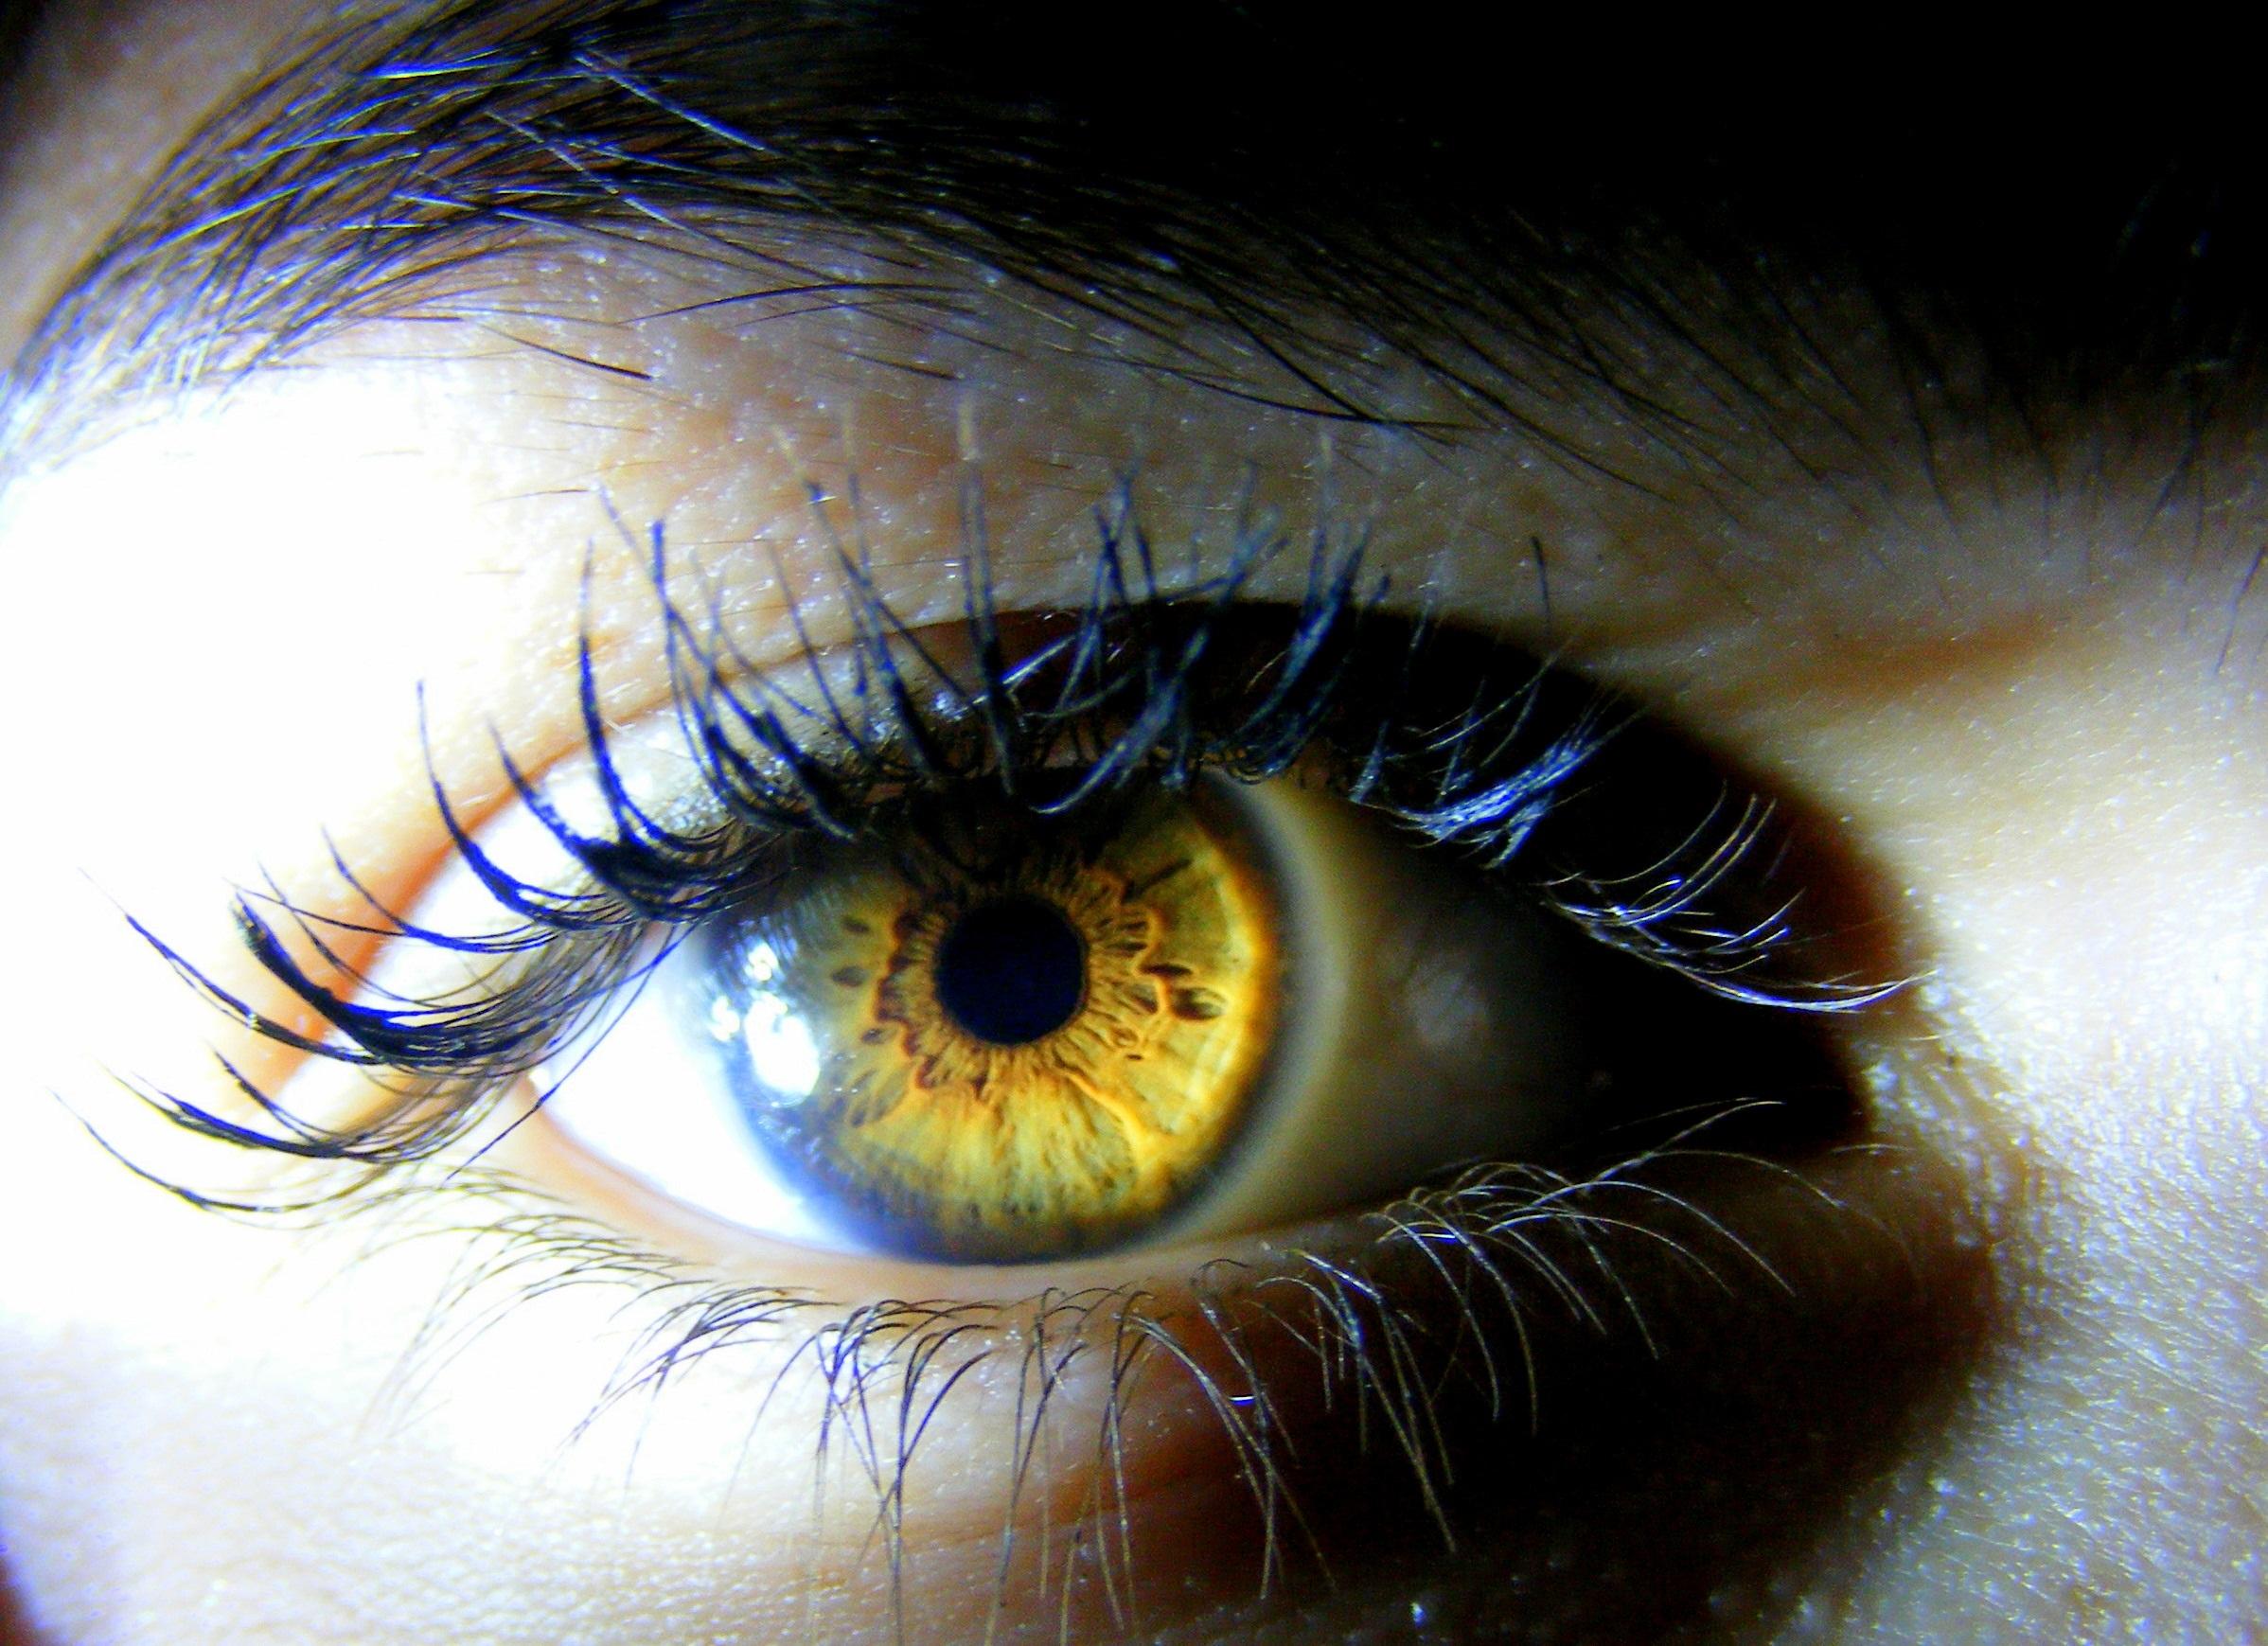 Free photo: Human Eye - Eye, Focus, Human - Free Download ...